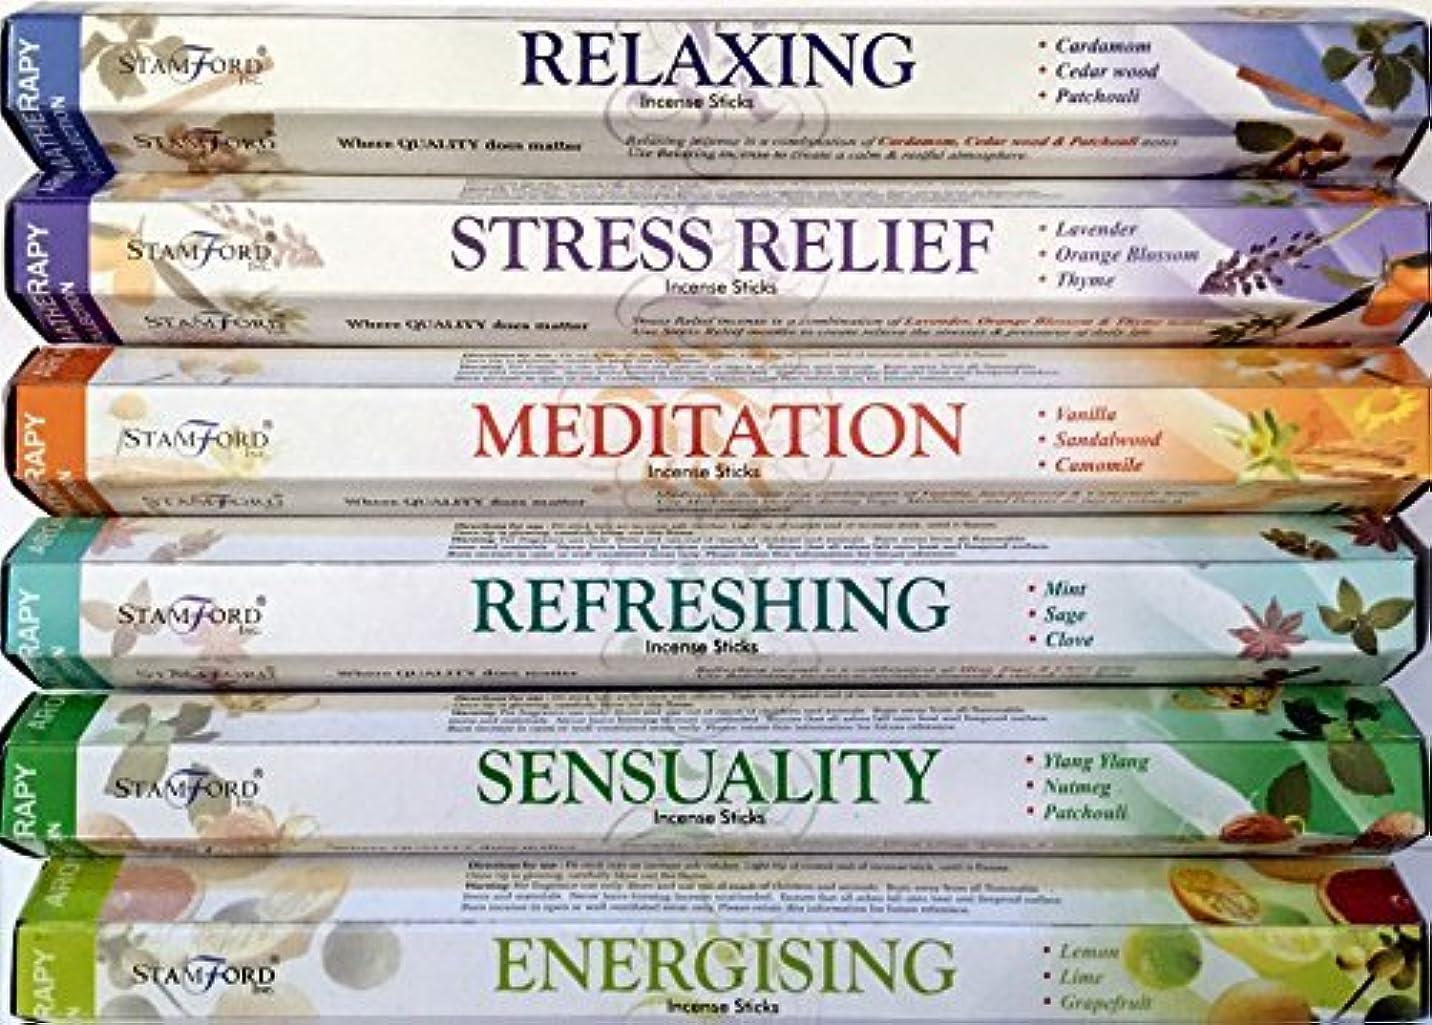 死の顎責める馬鹿120?SticksのStamfordプレミアムアロマセラピーHex範囲Incense Sticks?–?リラックス、ストレスリリーフ、瞑想、リフレッシュ、Sensuality & Energising Incense gift pack. by Stamford